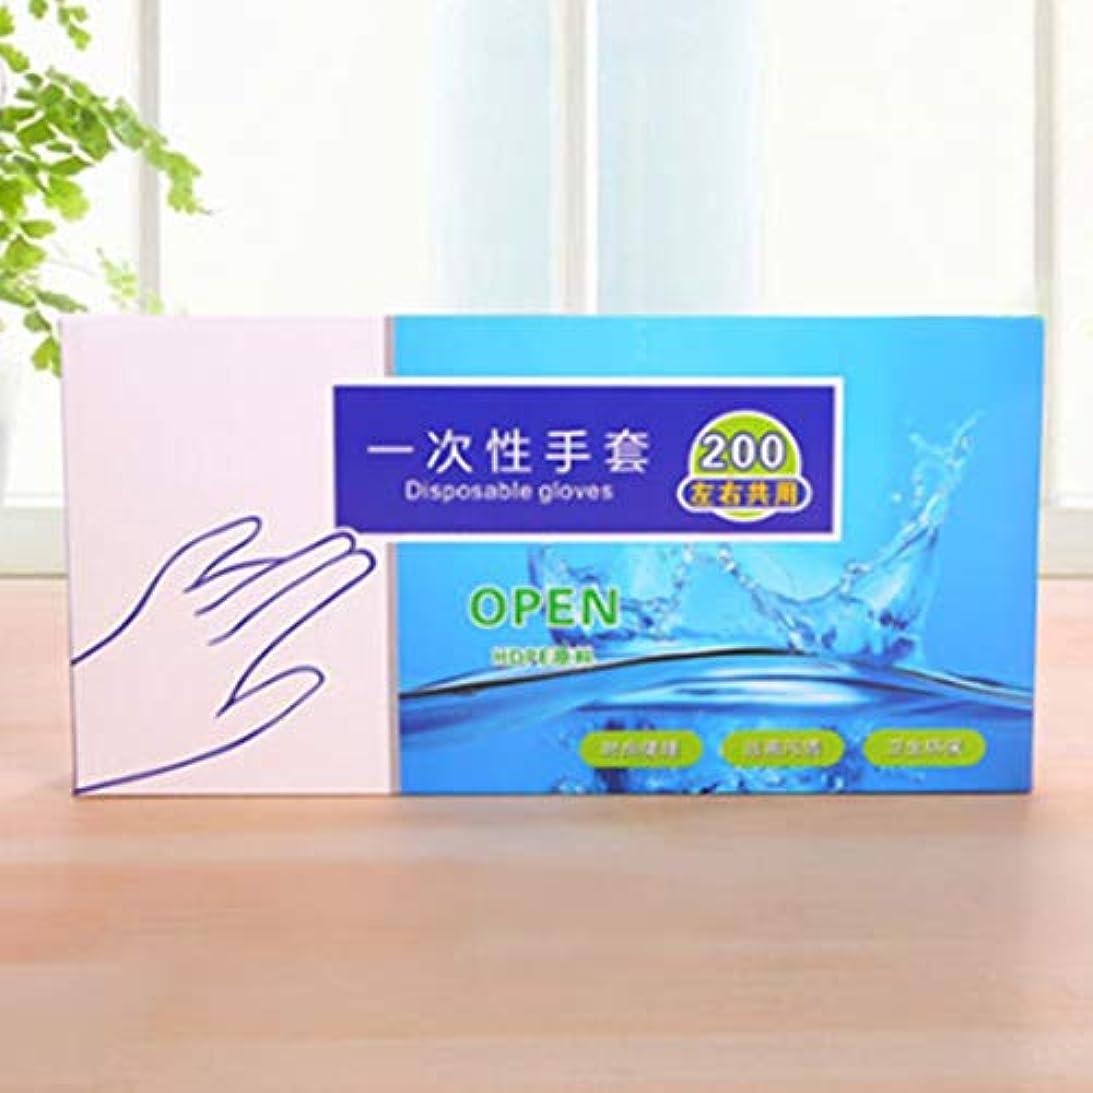 異邦人比較蒸発するSODAOA屋 使い捨て手袋 透明 実用 衛生 プラスチック 調理 お掃除 毛染め 100枚/200枚 (200)